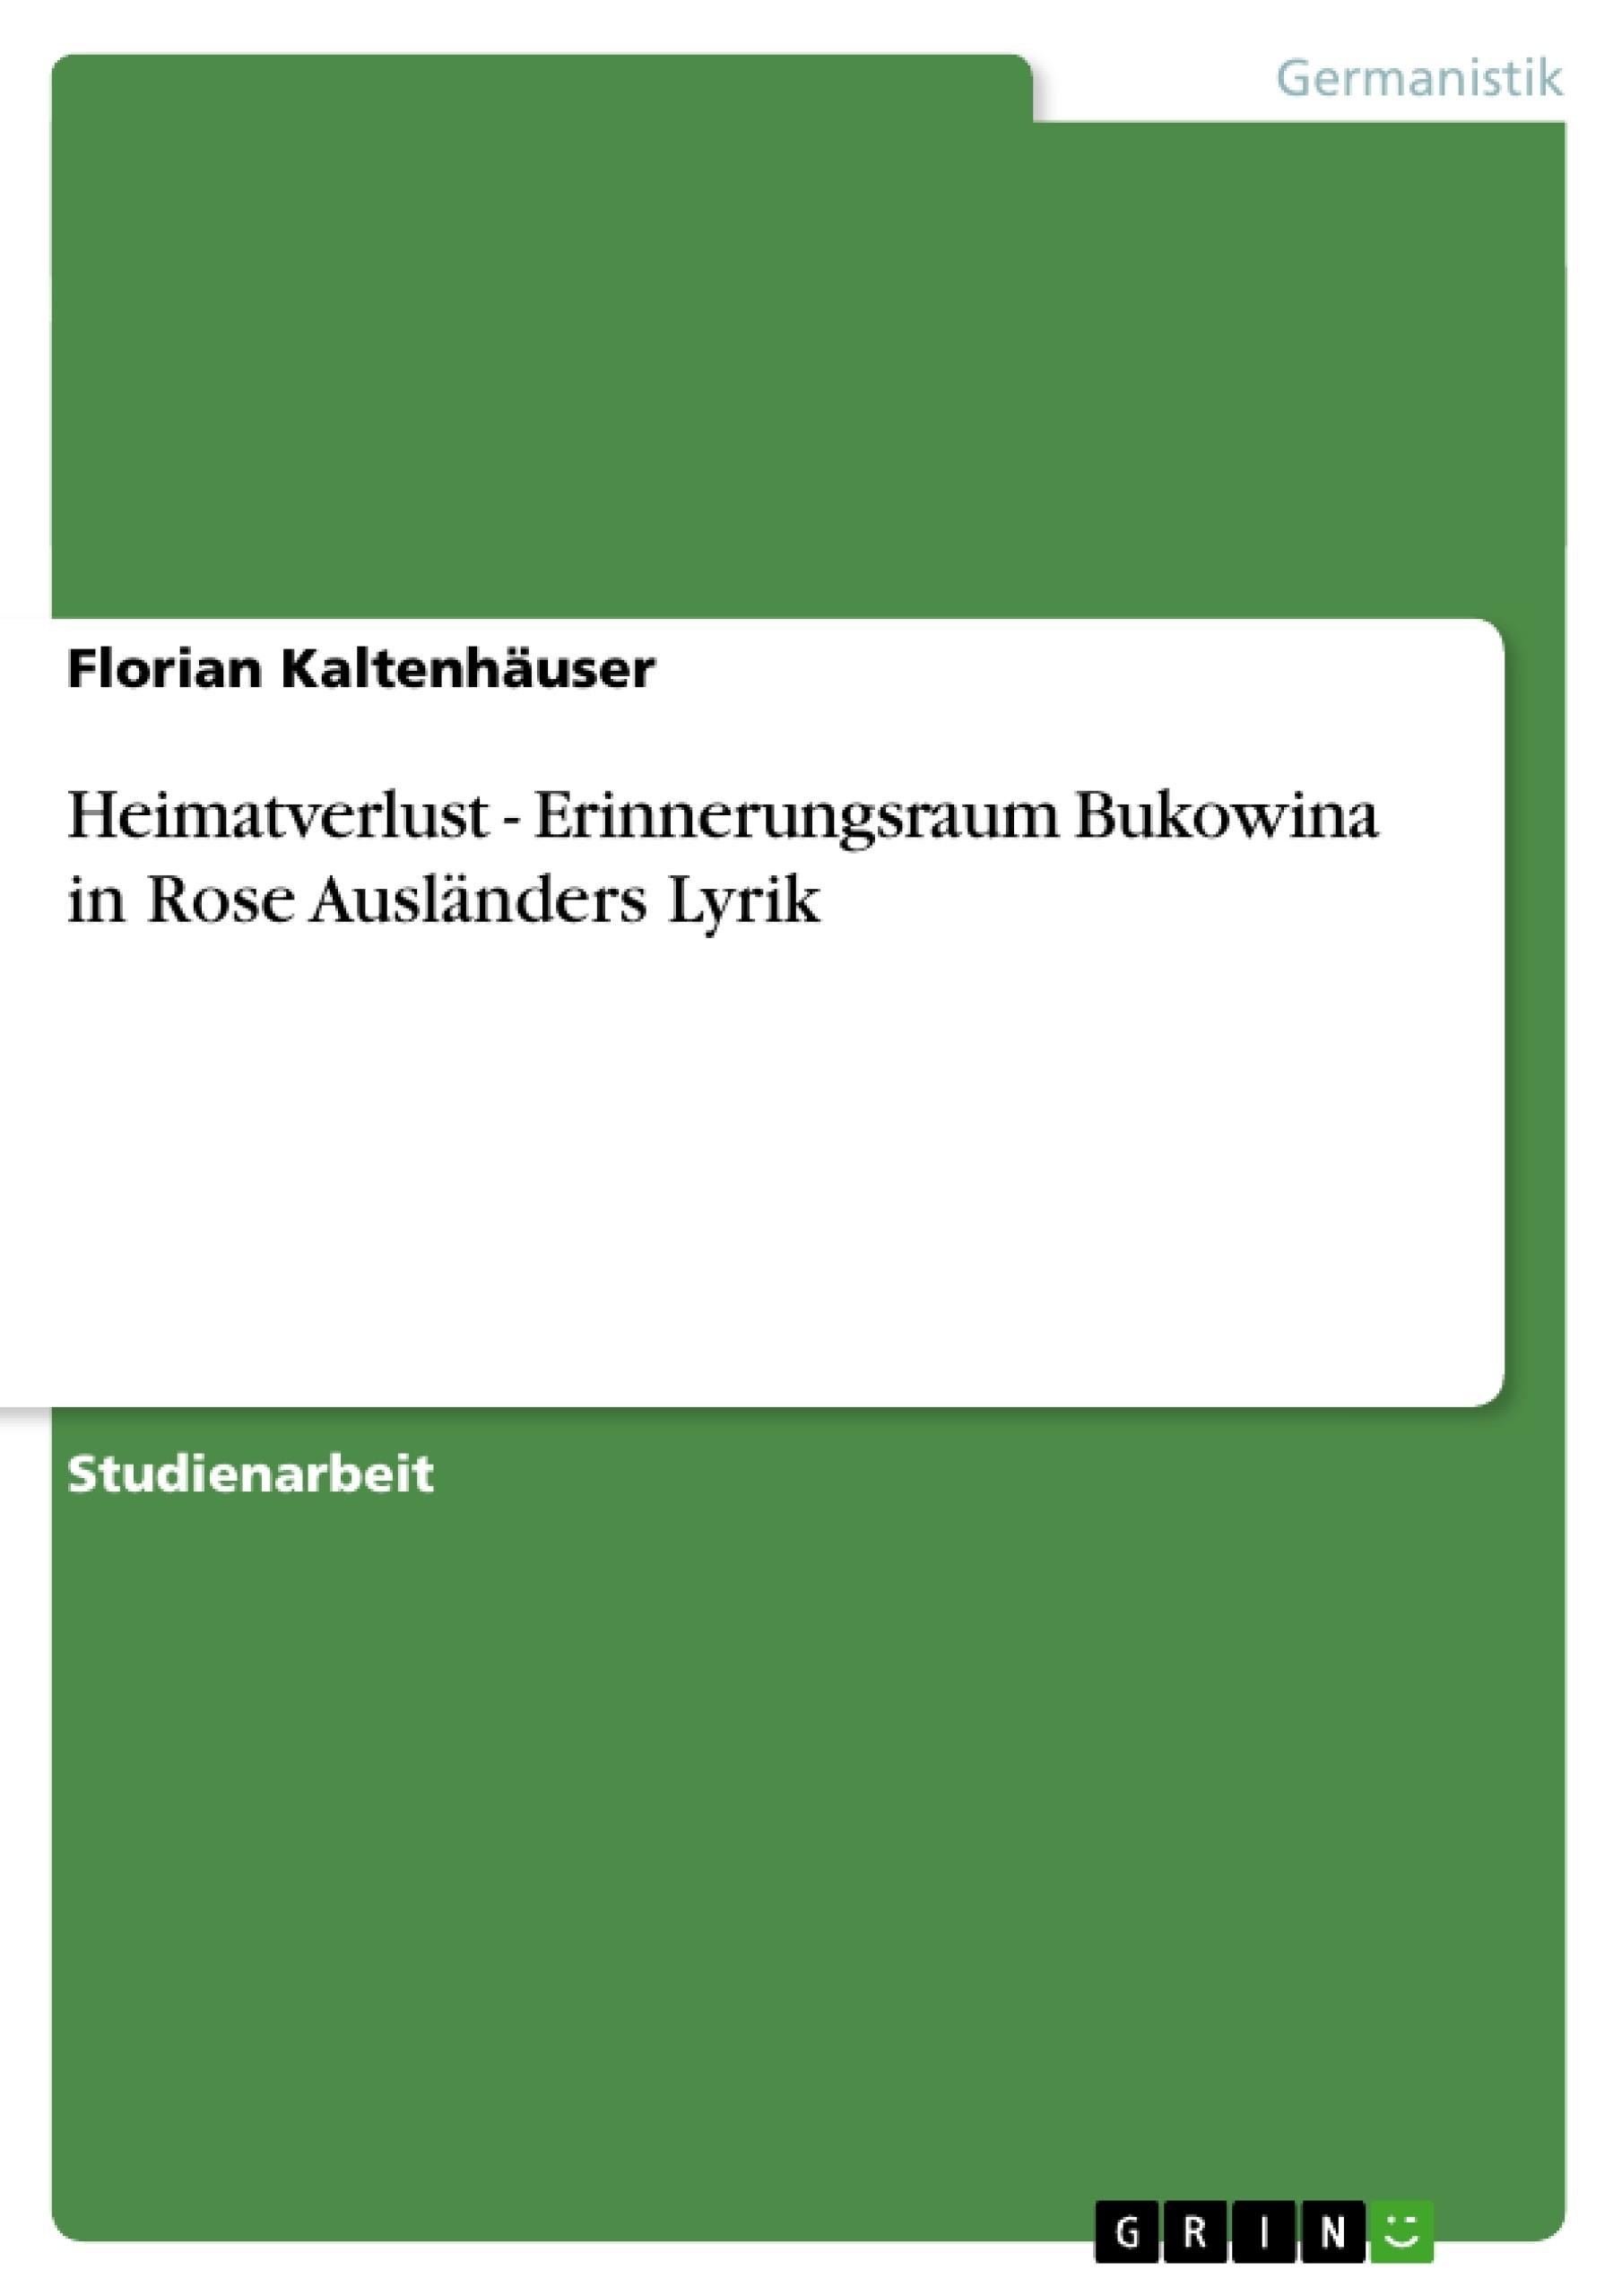 Titel: Heimatverlust - Erinnerungsraum Bukowina in Rose Ausländers Lyrik